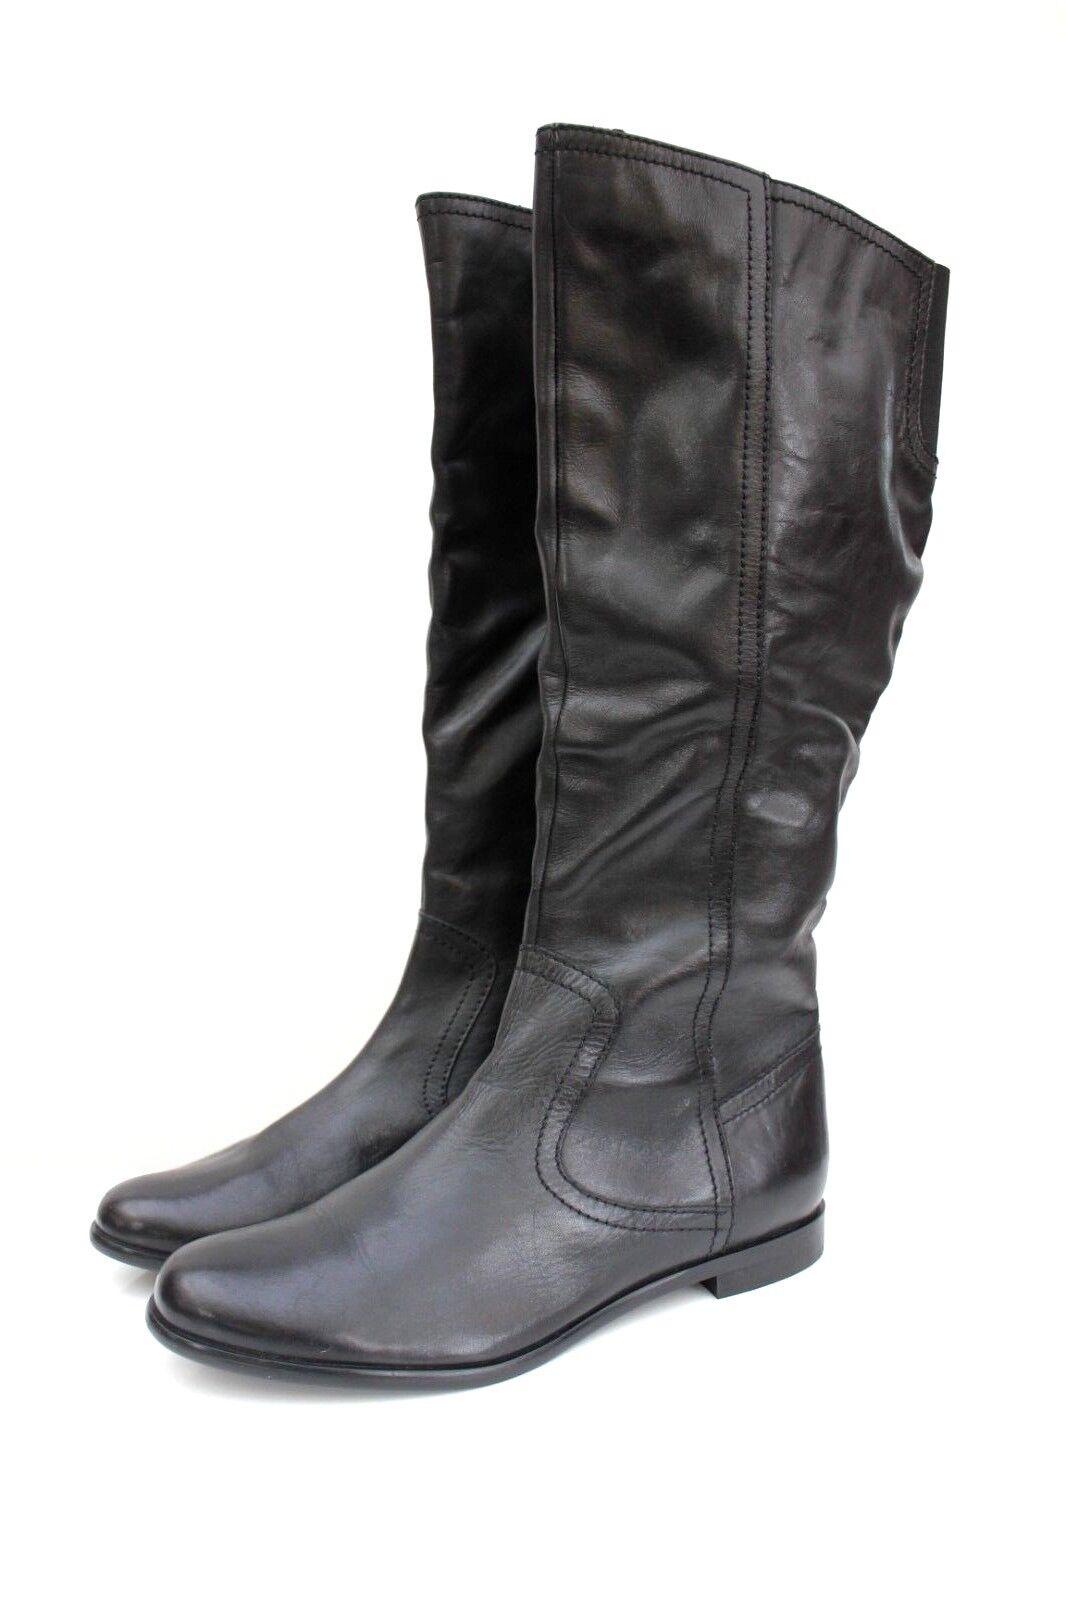 ASOS pone de rodillas, negra, cuero pasante plana elástico botas 7 40